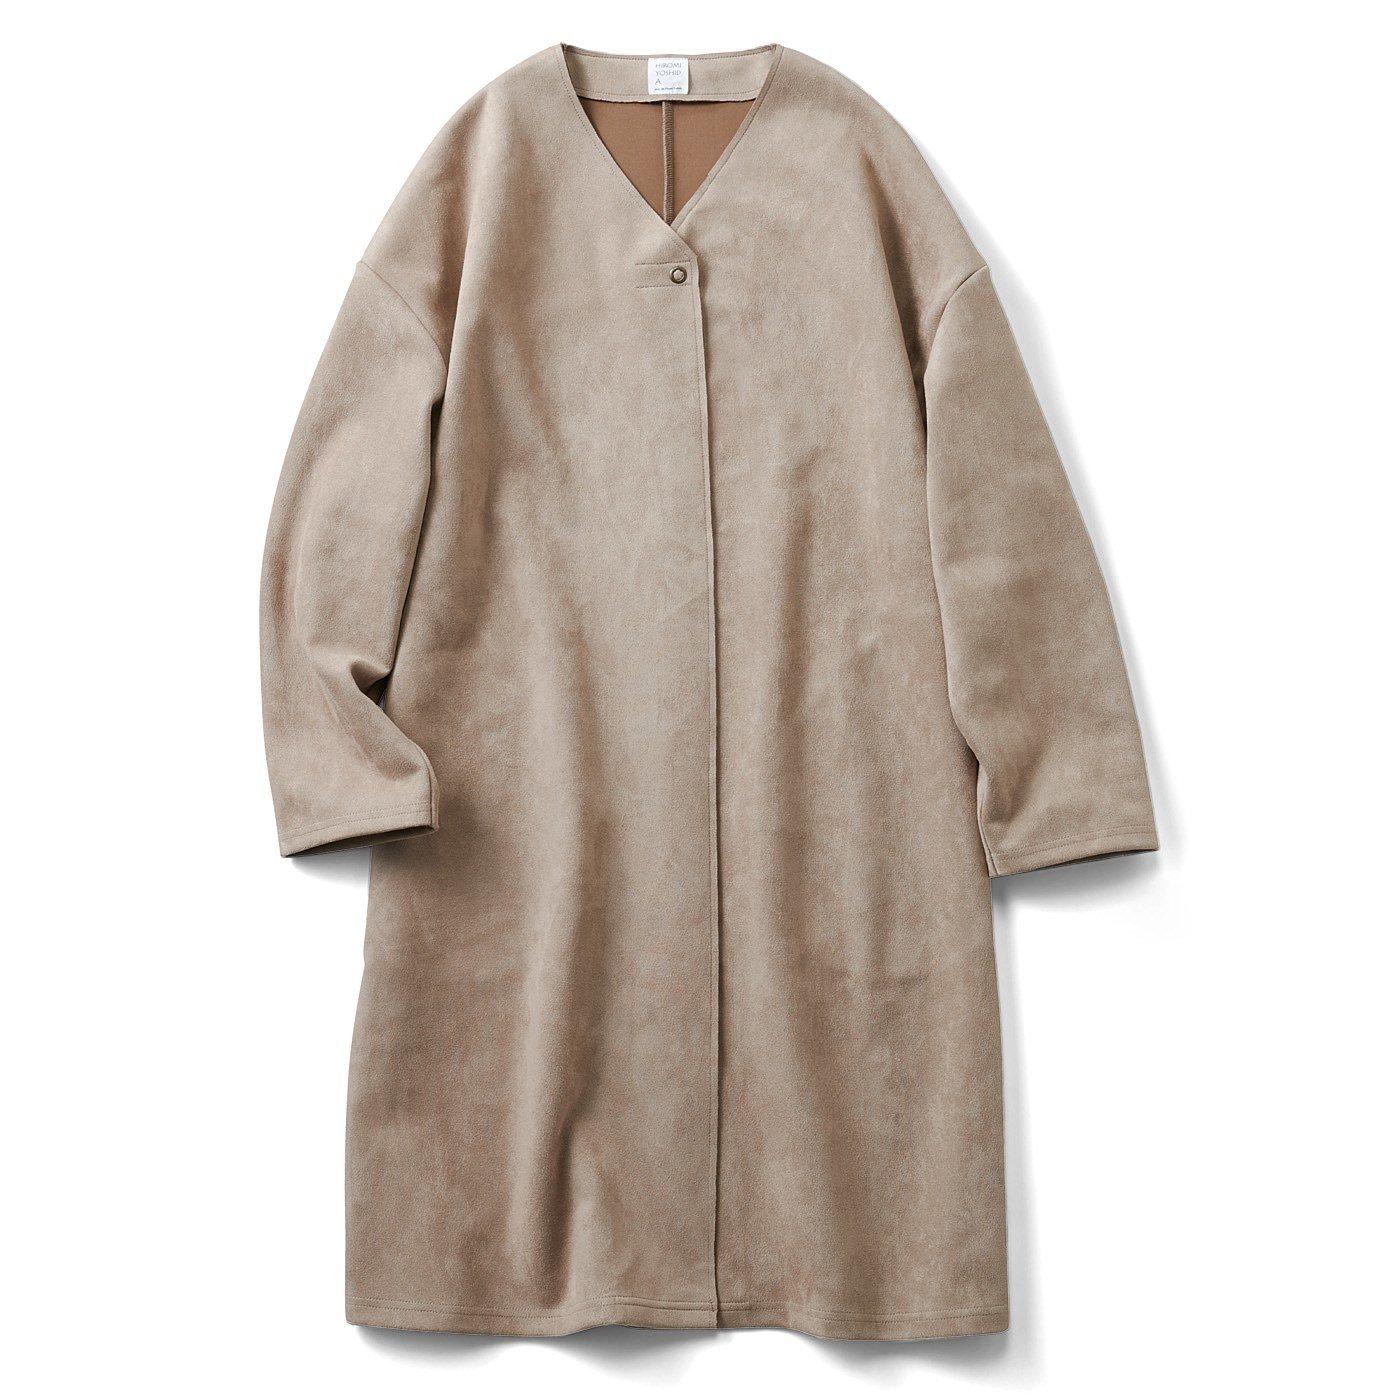 HIROMI YOSHIDA. スエードタッチのノーカラーコート〈モカベージュ〉